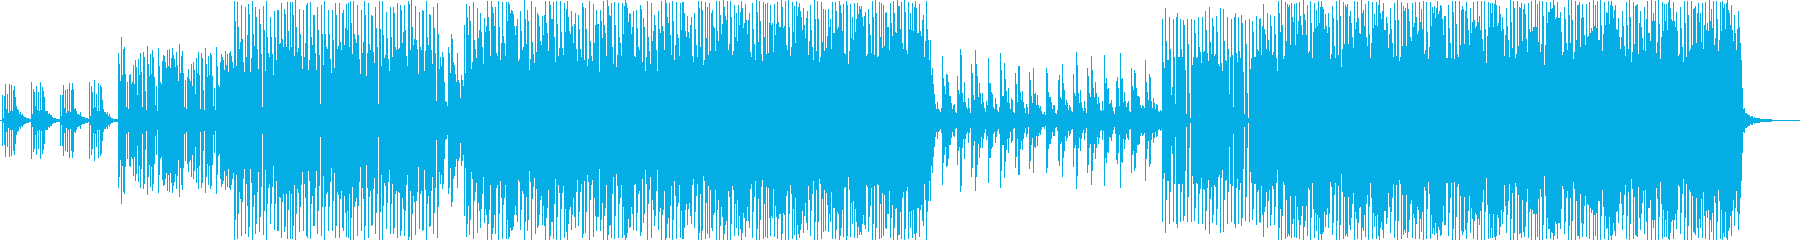 おしゃれ系エレクトロミュージックの再生済みの波形